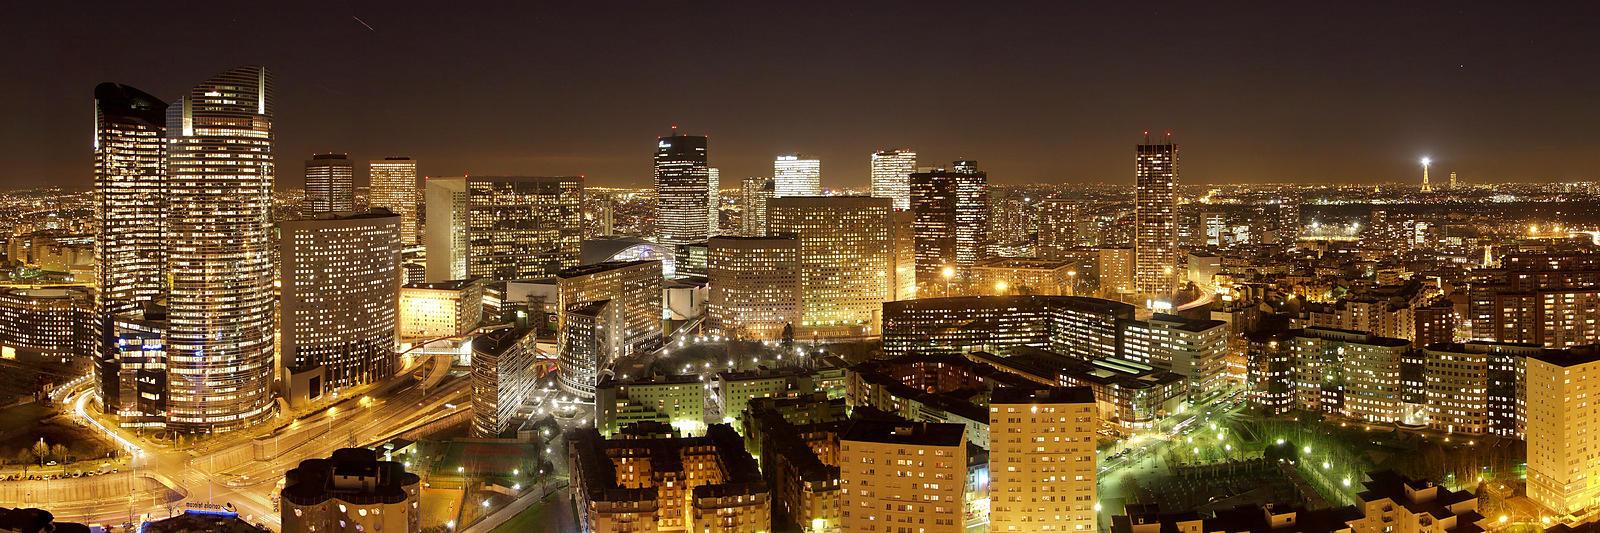 Phototh que arnaud frich panorama de la d fense de nuit for Piscine de nuit paris